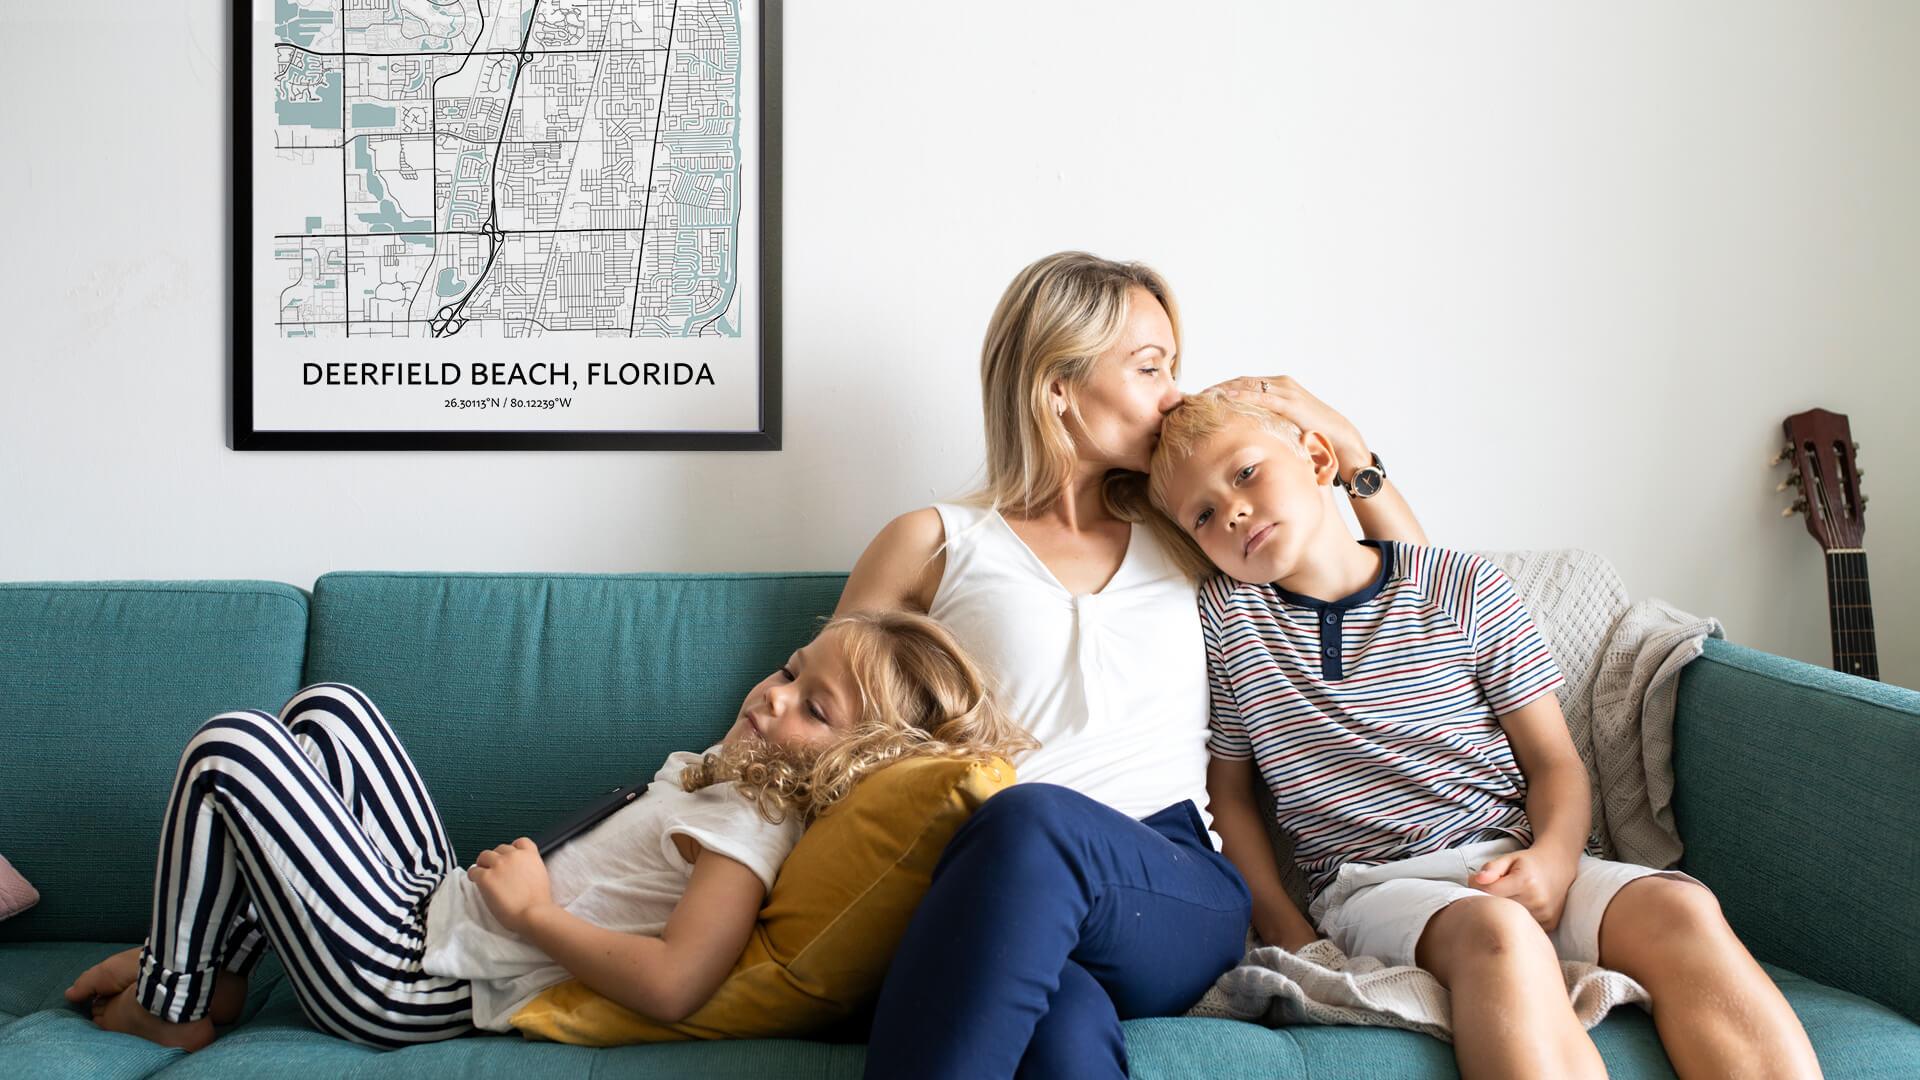 Deerfield Beach map poster